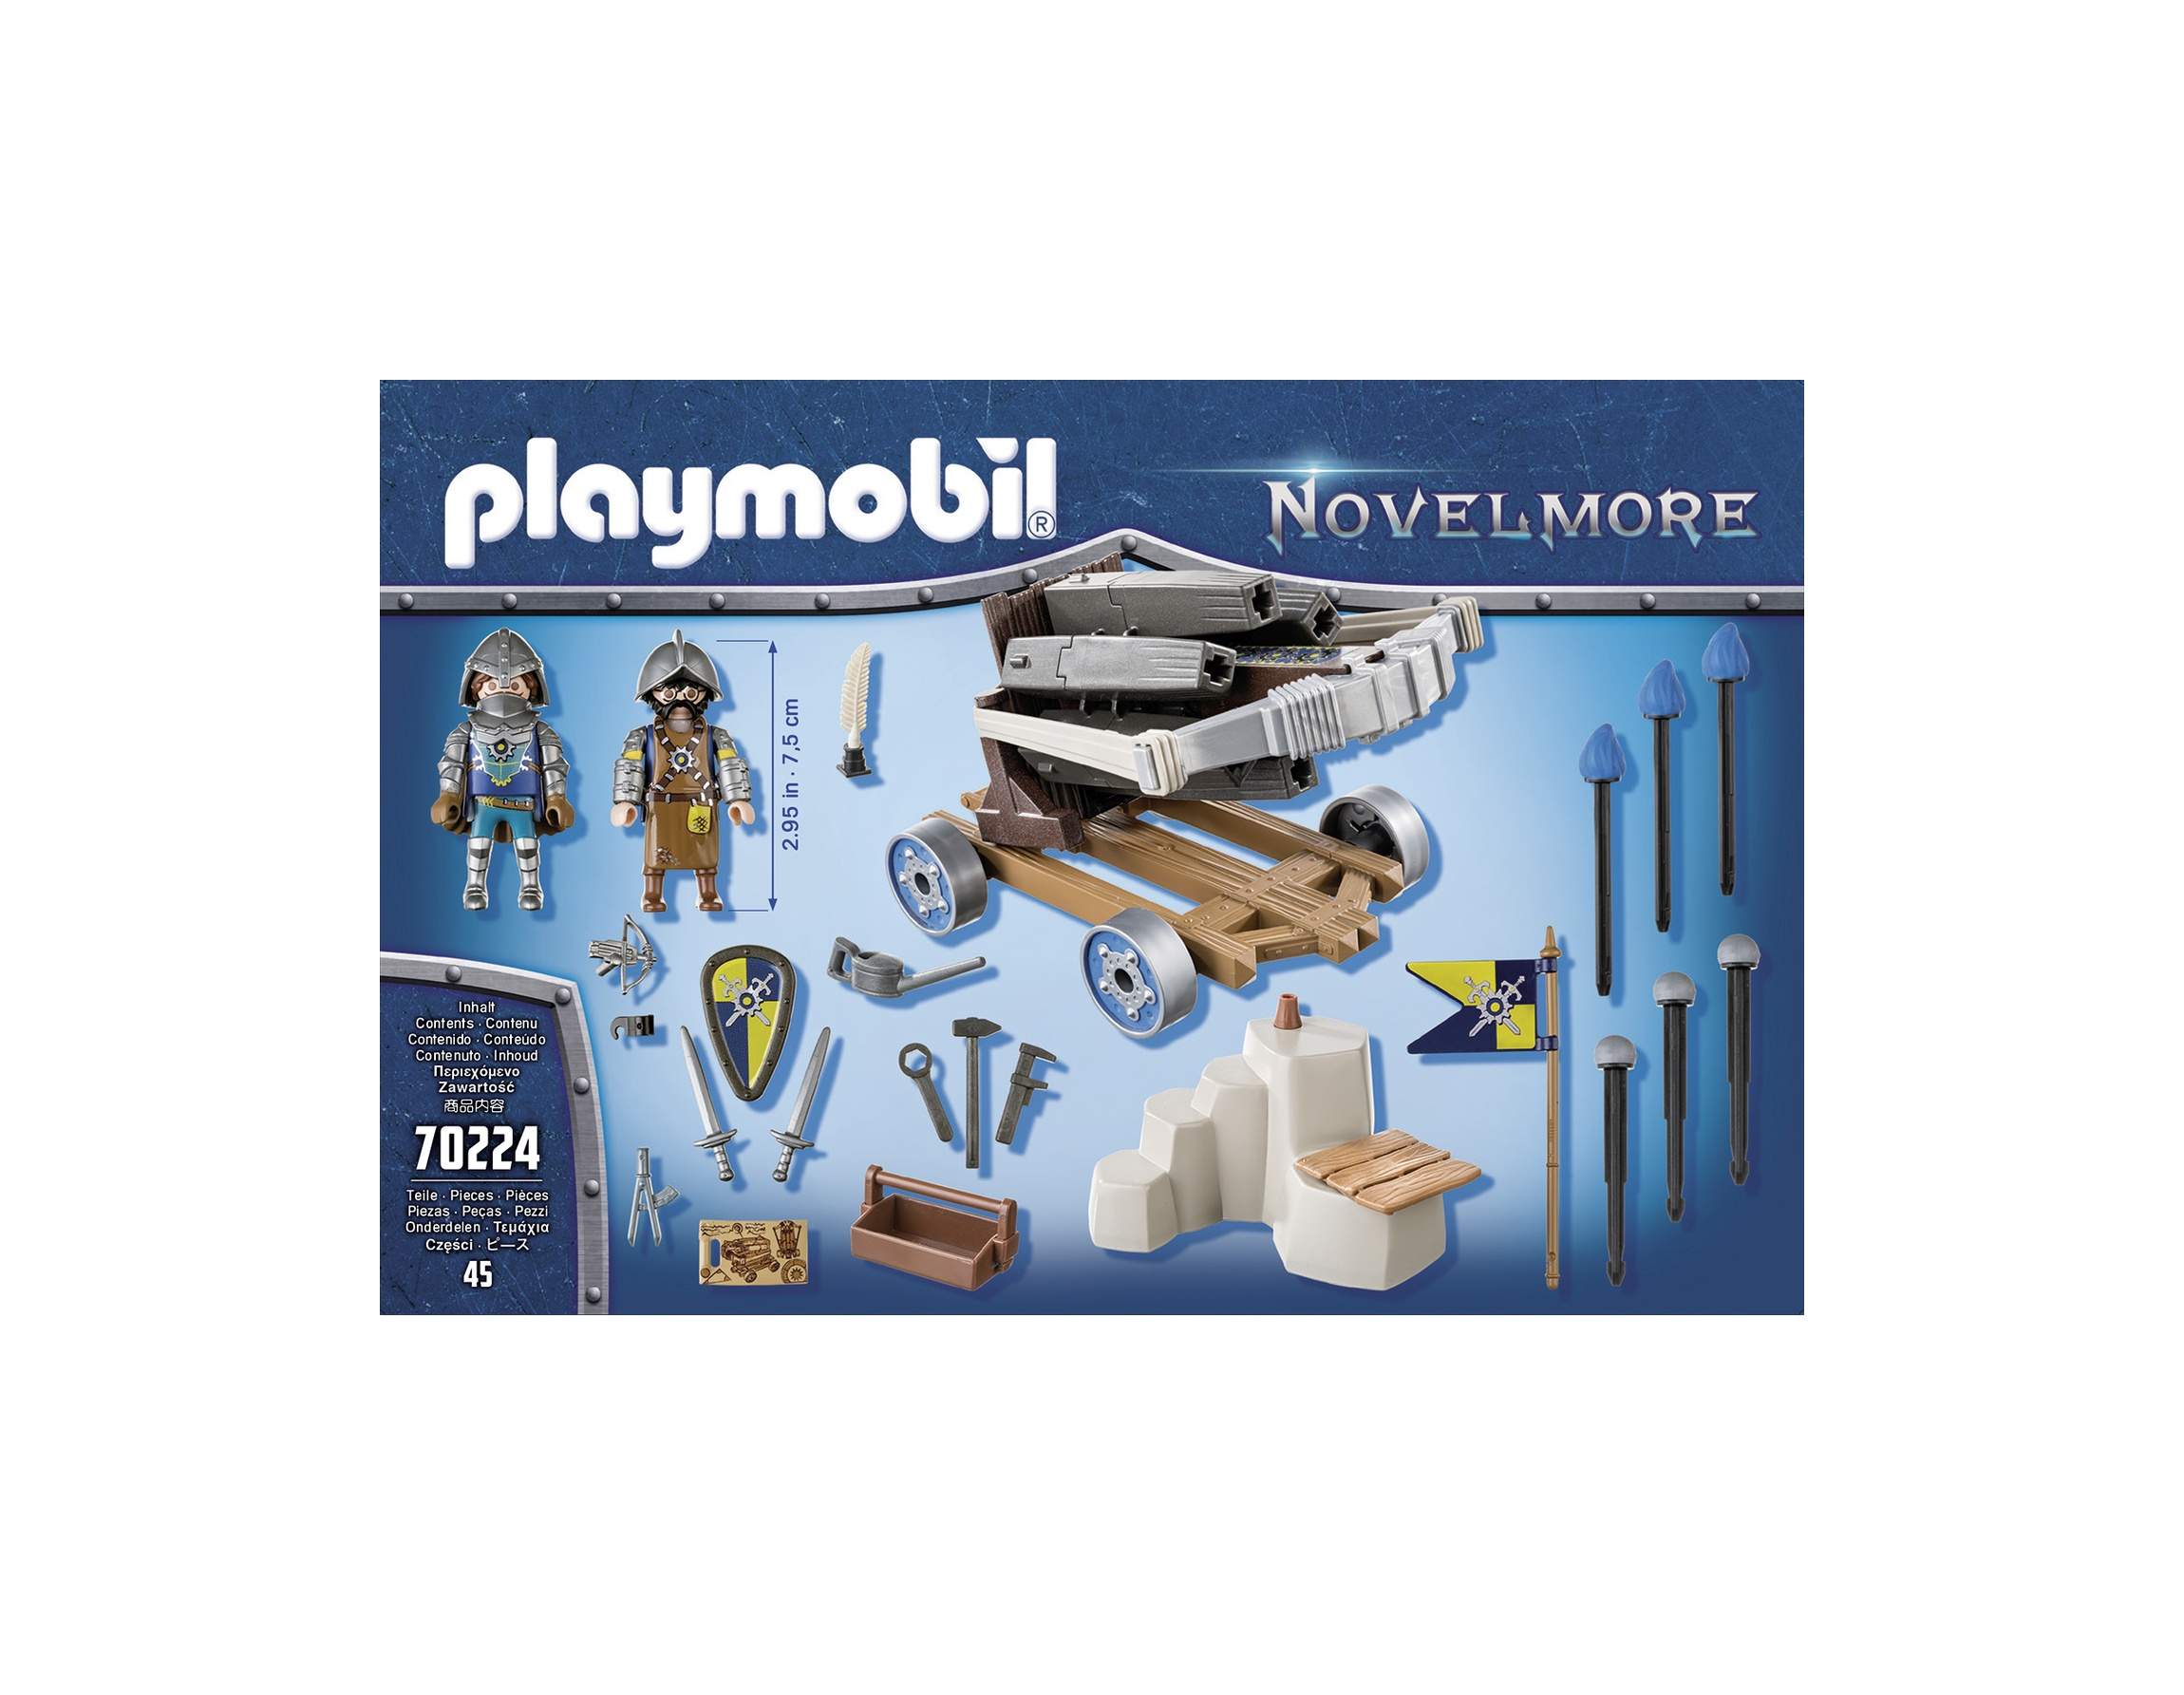 Balista cavalerilor playmobil novelmore - 1